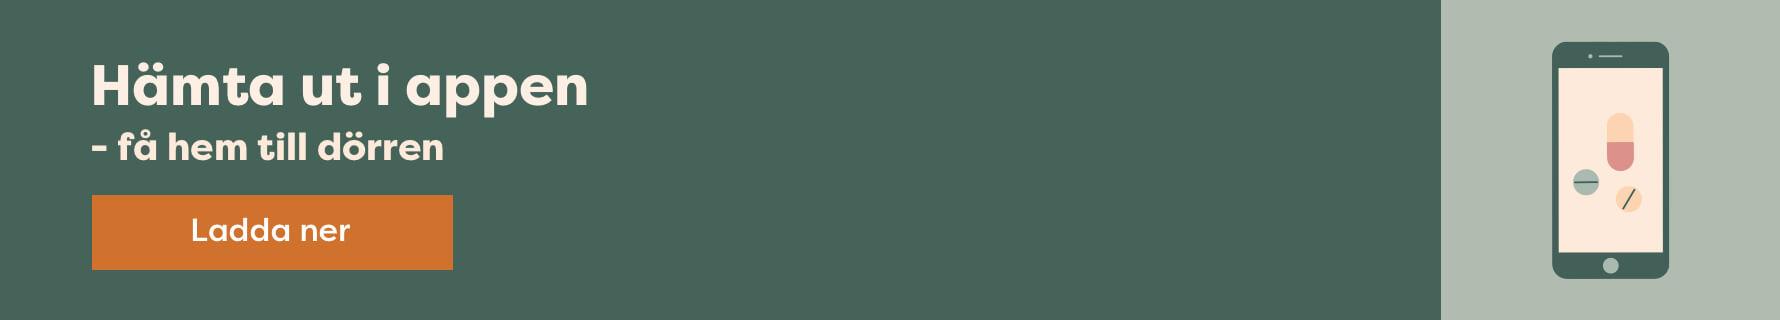 1780x320 Desktop Ladda ned app